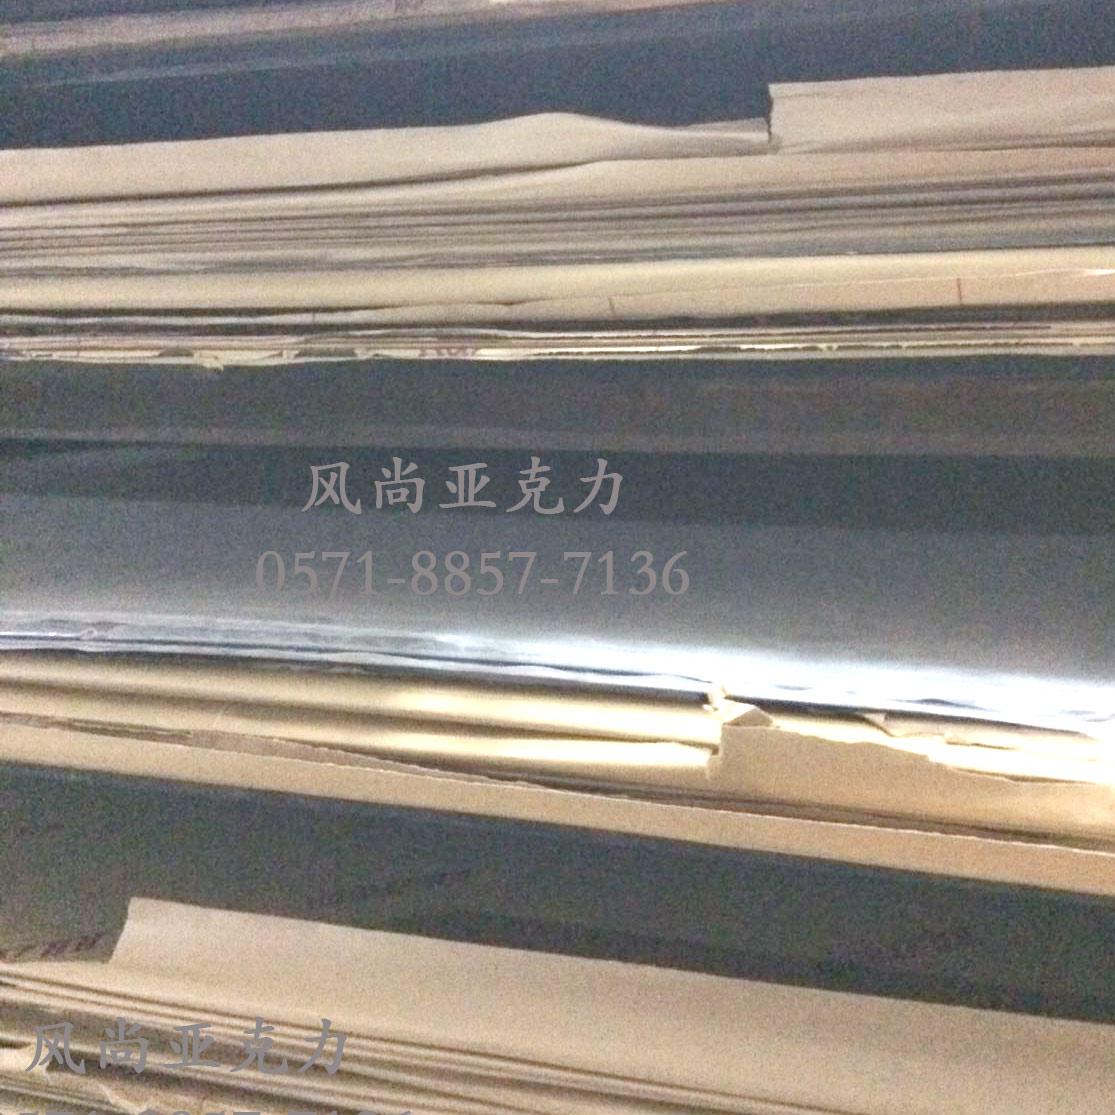 杭州厂家直销1.24*2.46透明亚克力板12mm有机玻璃板材零切uv定做